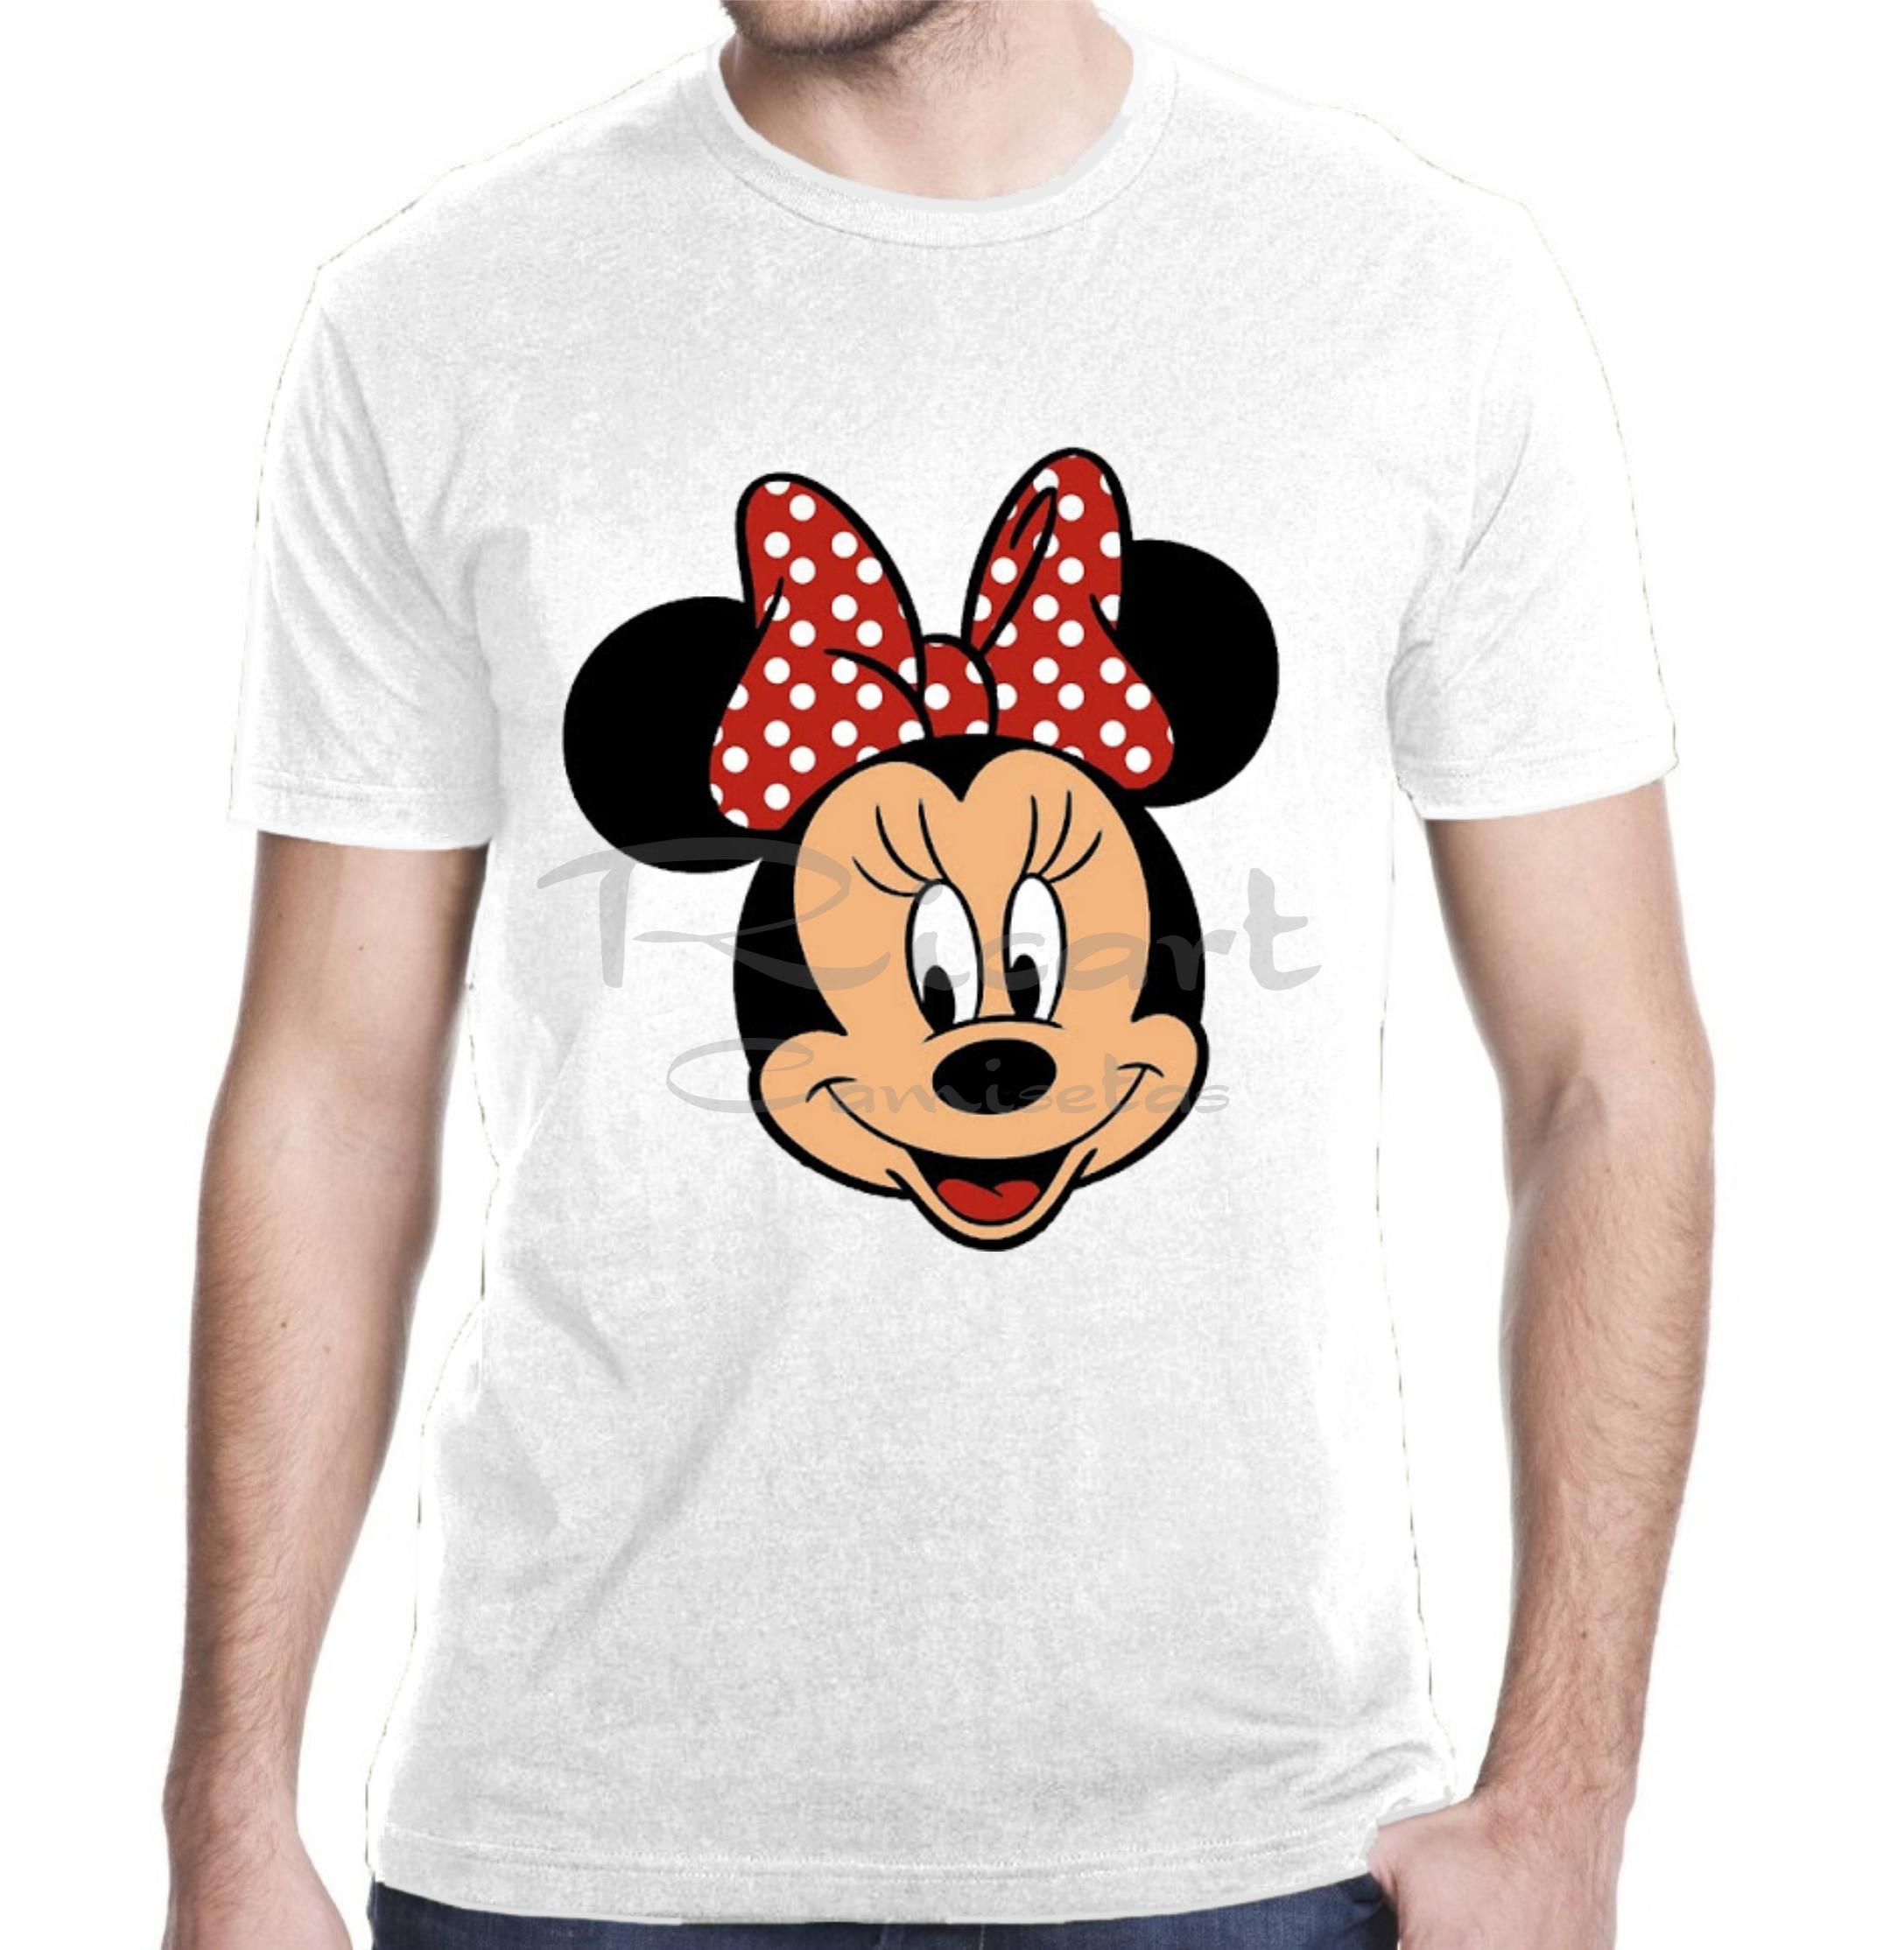 Camiseta Minnie Mouse Personagem Disney Mod 01 No Elo7 Ricart